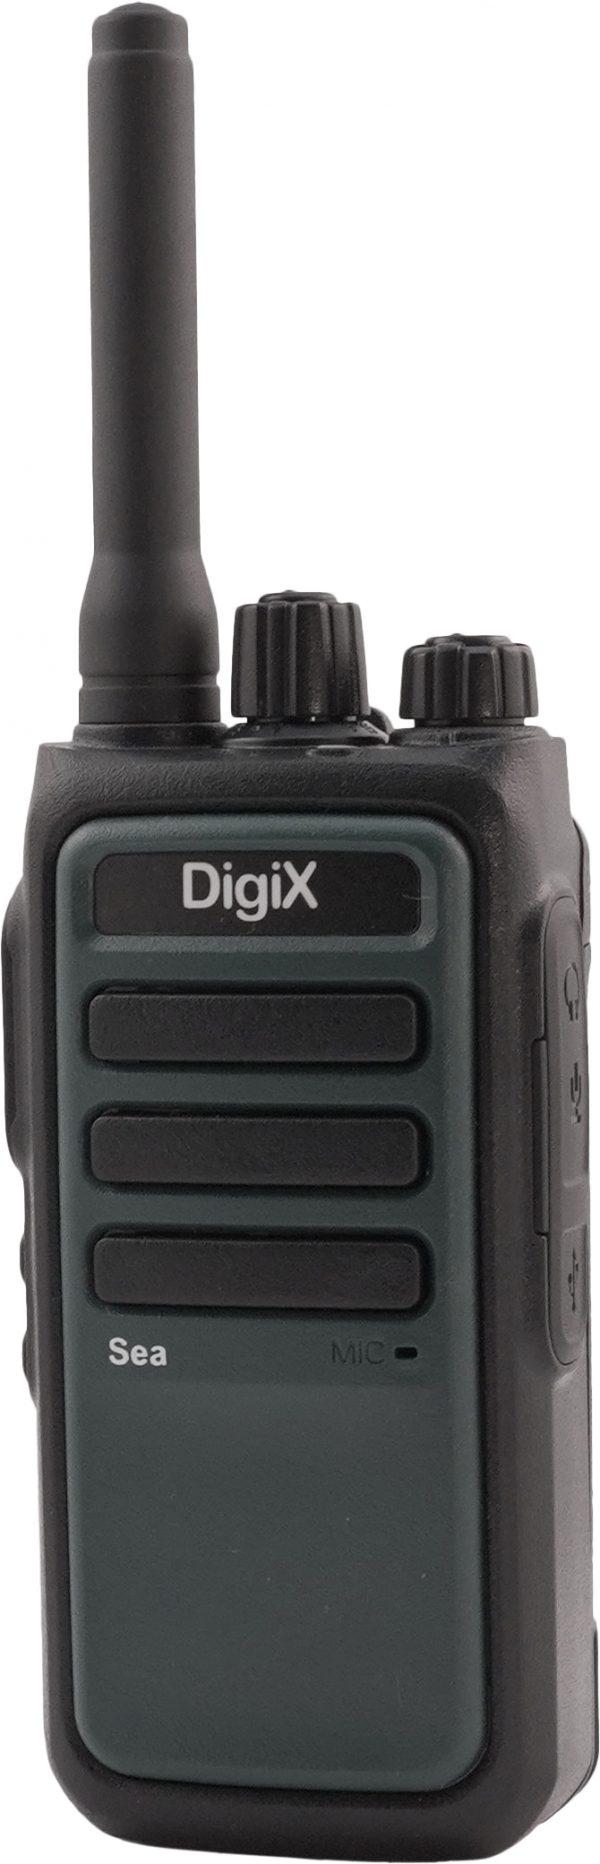 DigiX Sea Front